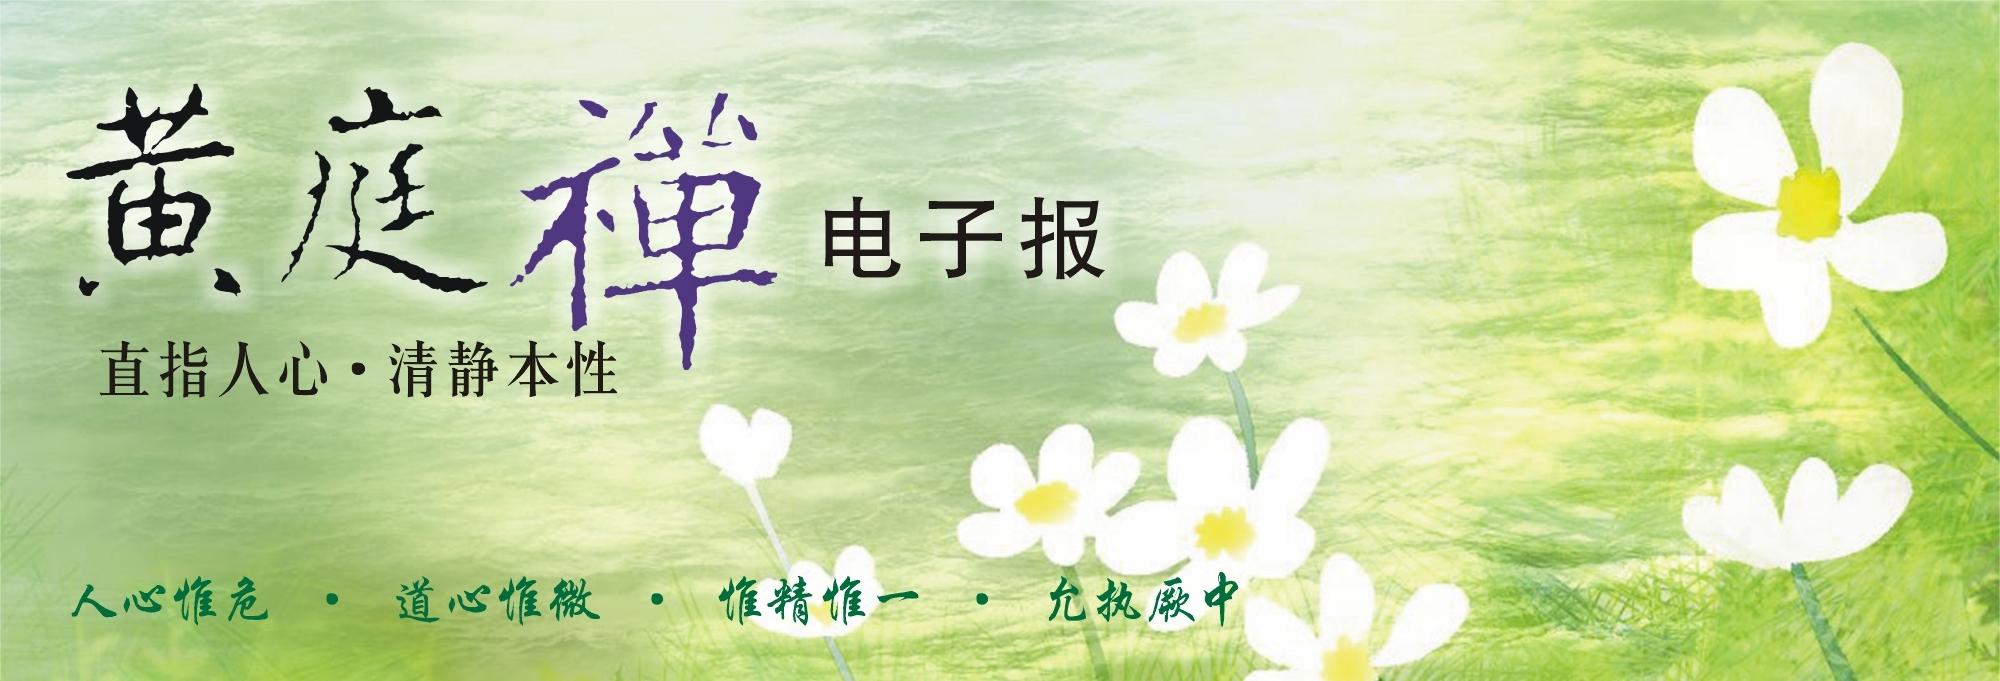 中华黄庭禅学会2016.07.21电子报